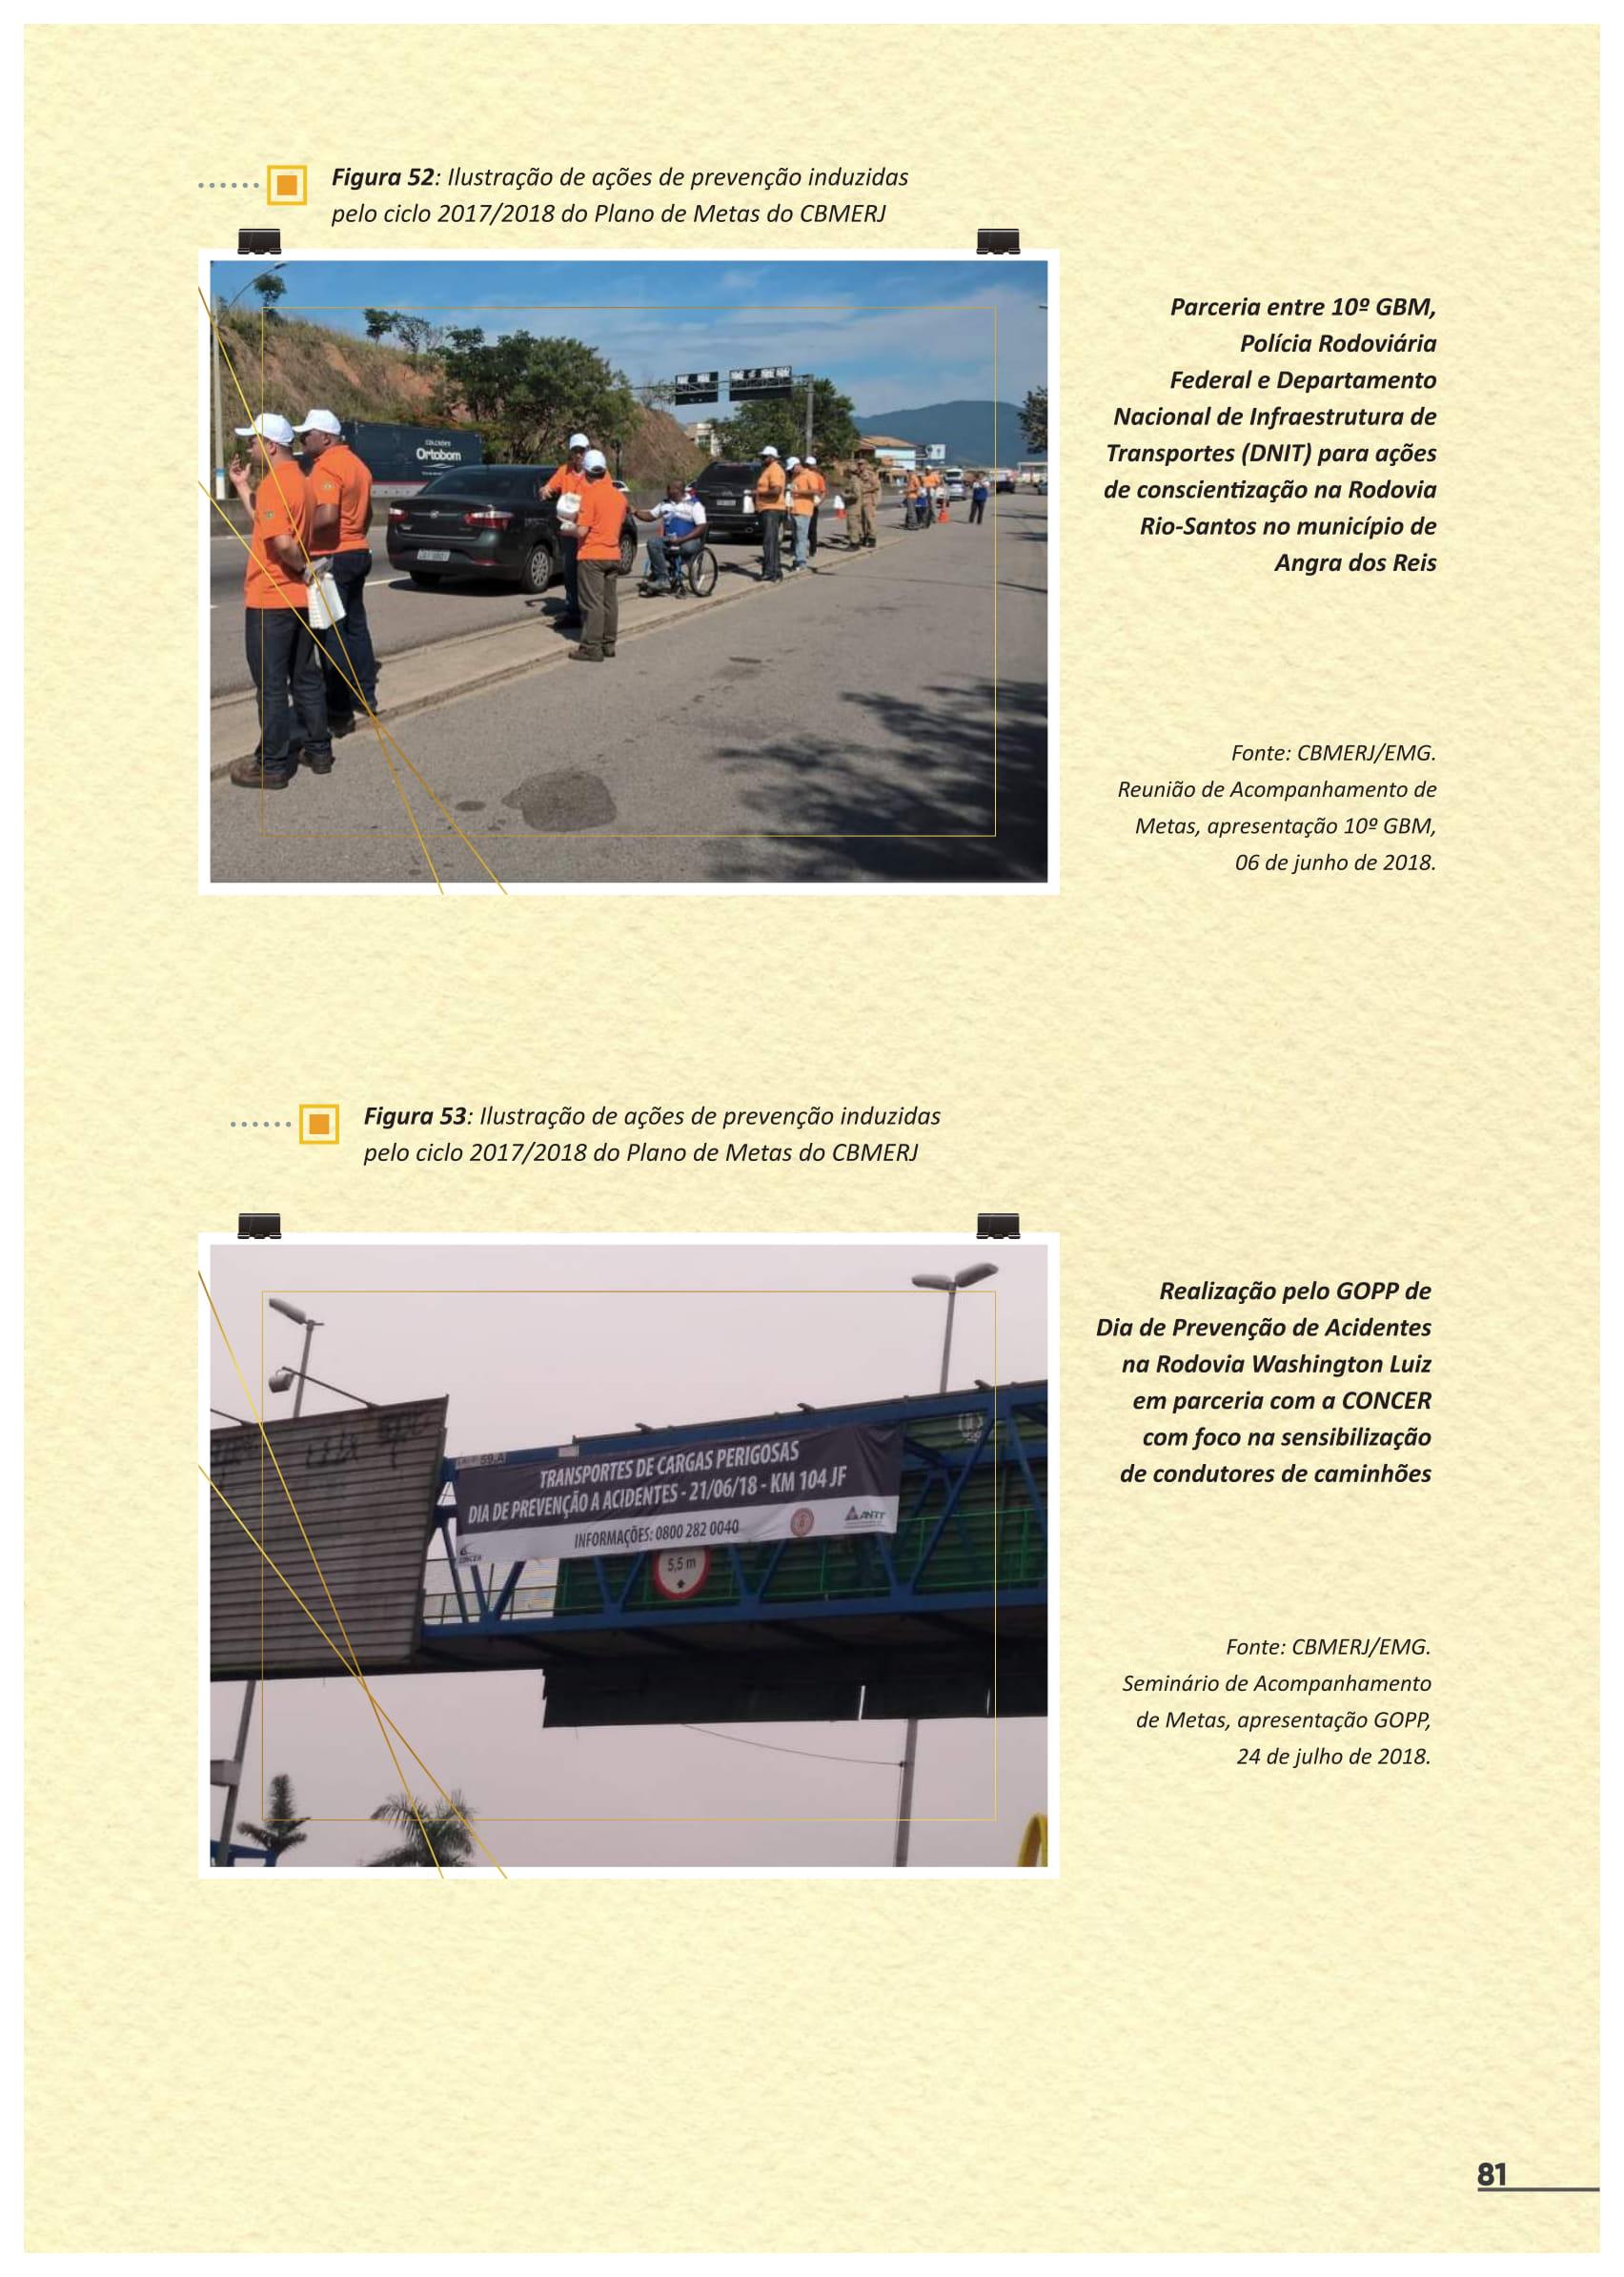 VIDAS_EM_TRANSITO_2017_2018-81